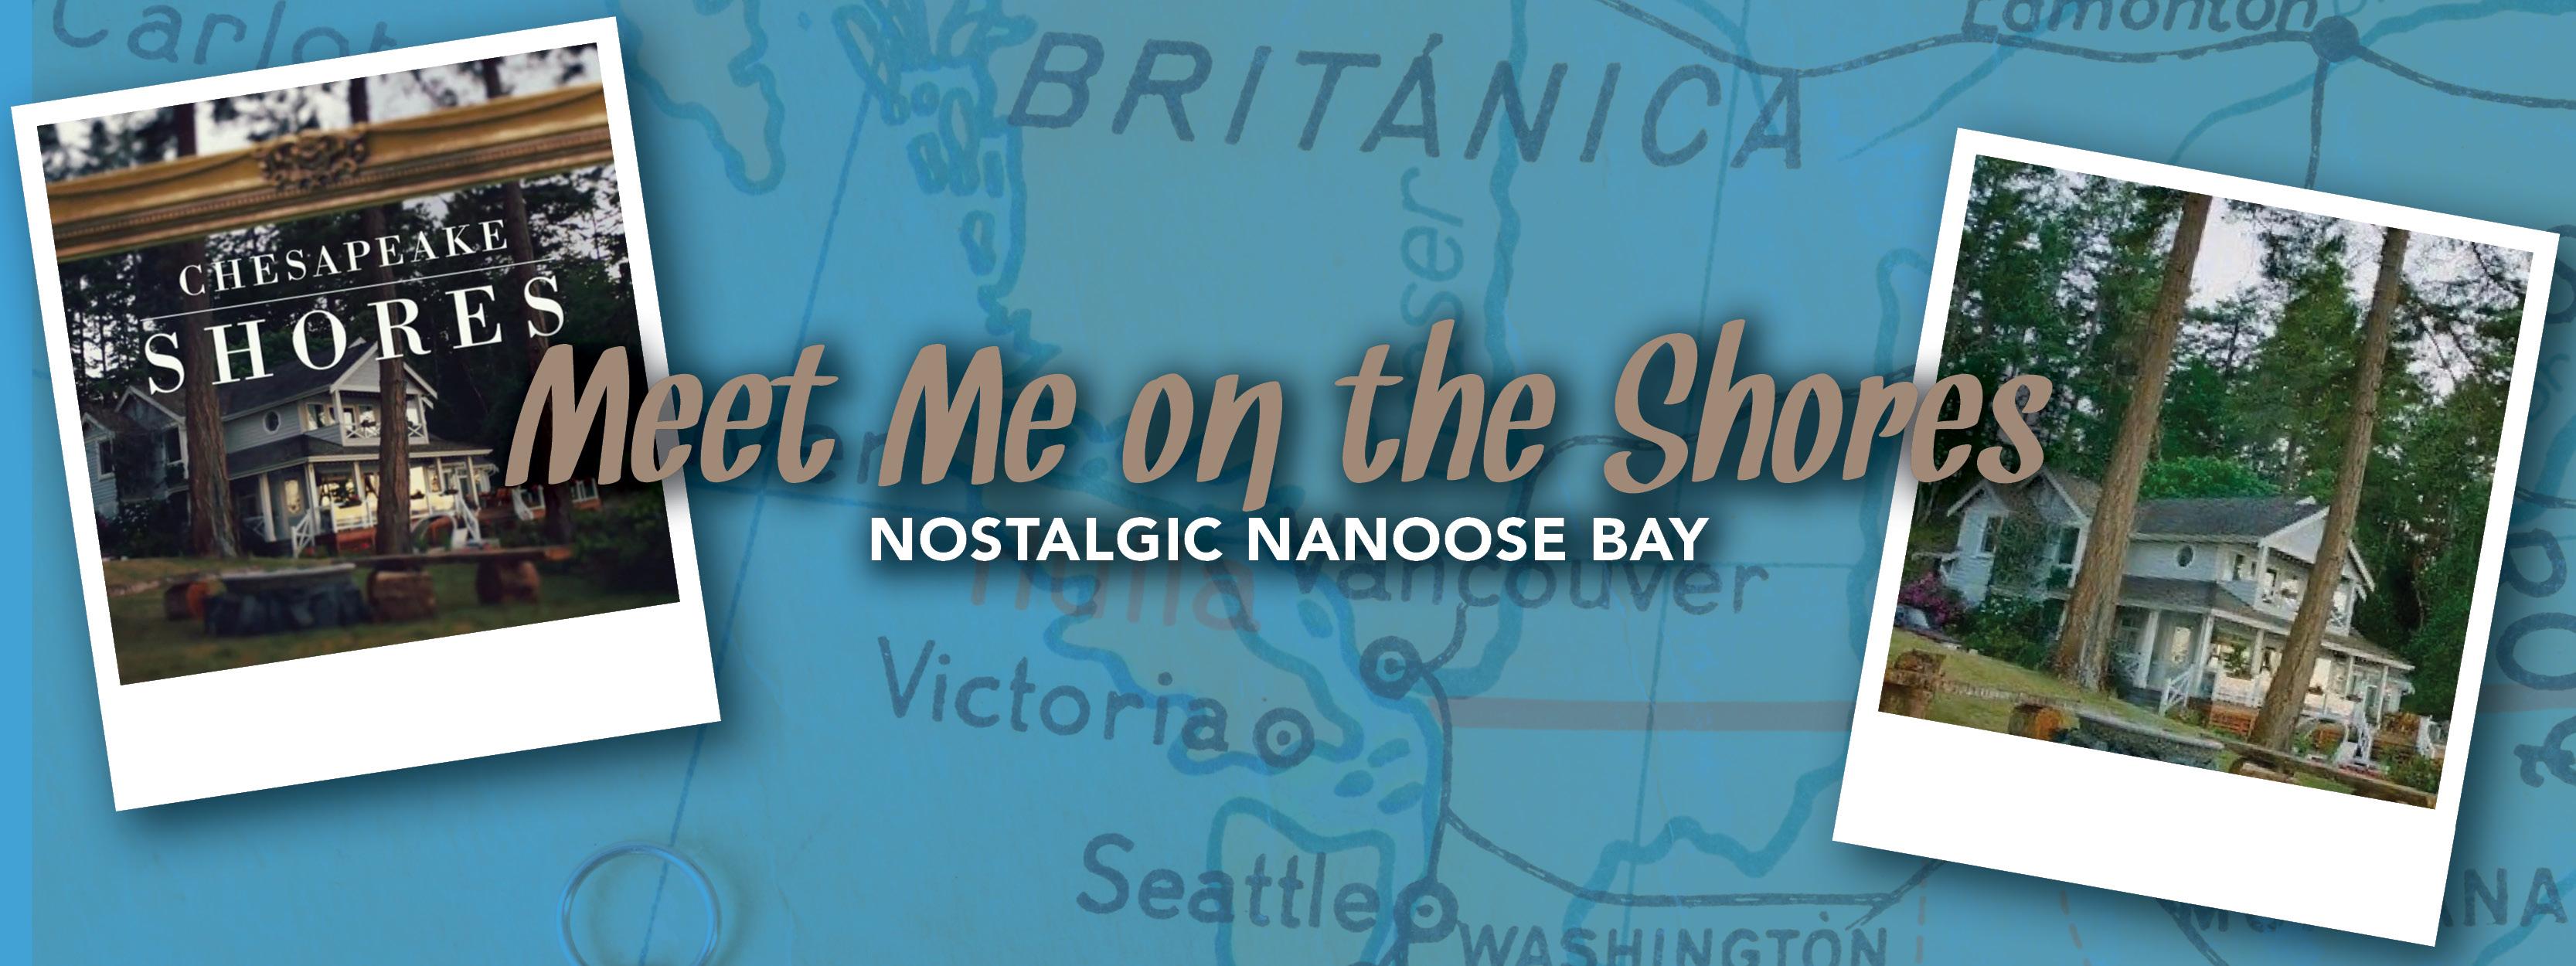 Nostalgic Nanoose Bay